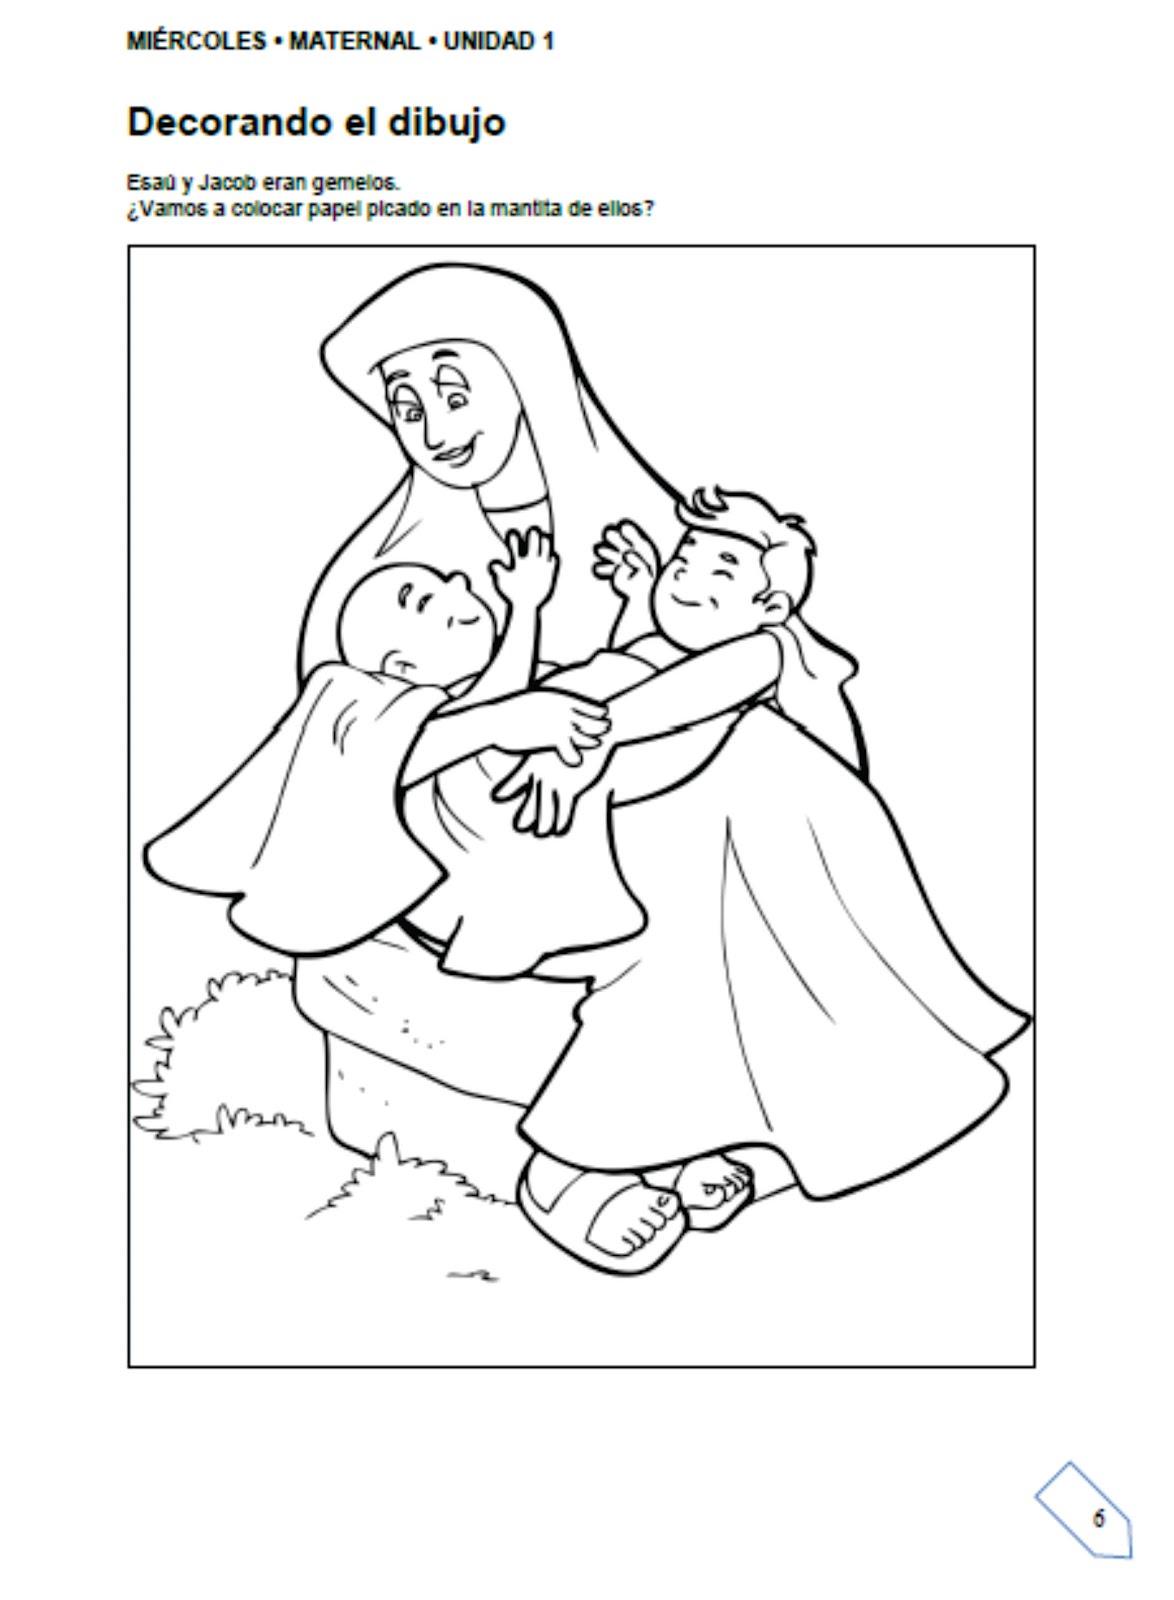 EBI Paraguay: El nacimiento de Esaú y Jacob